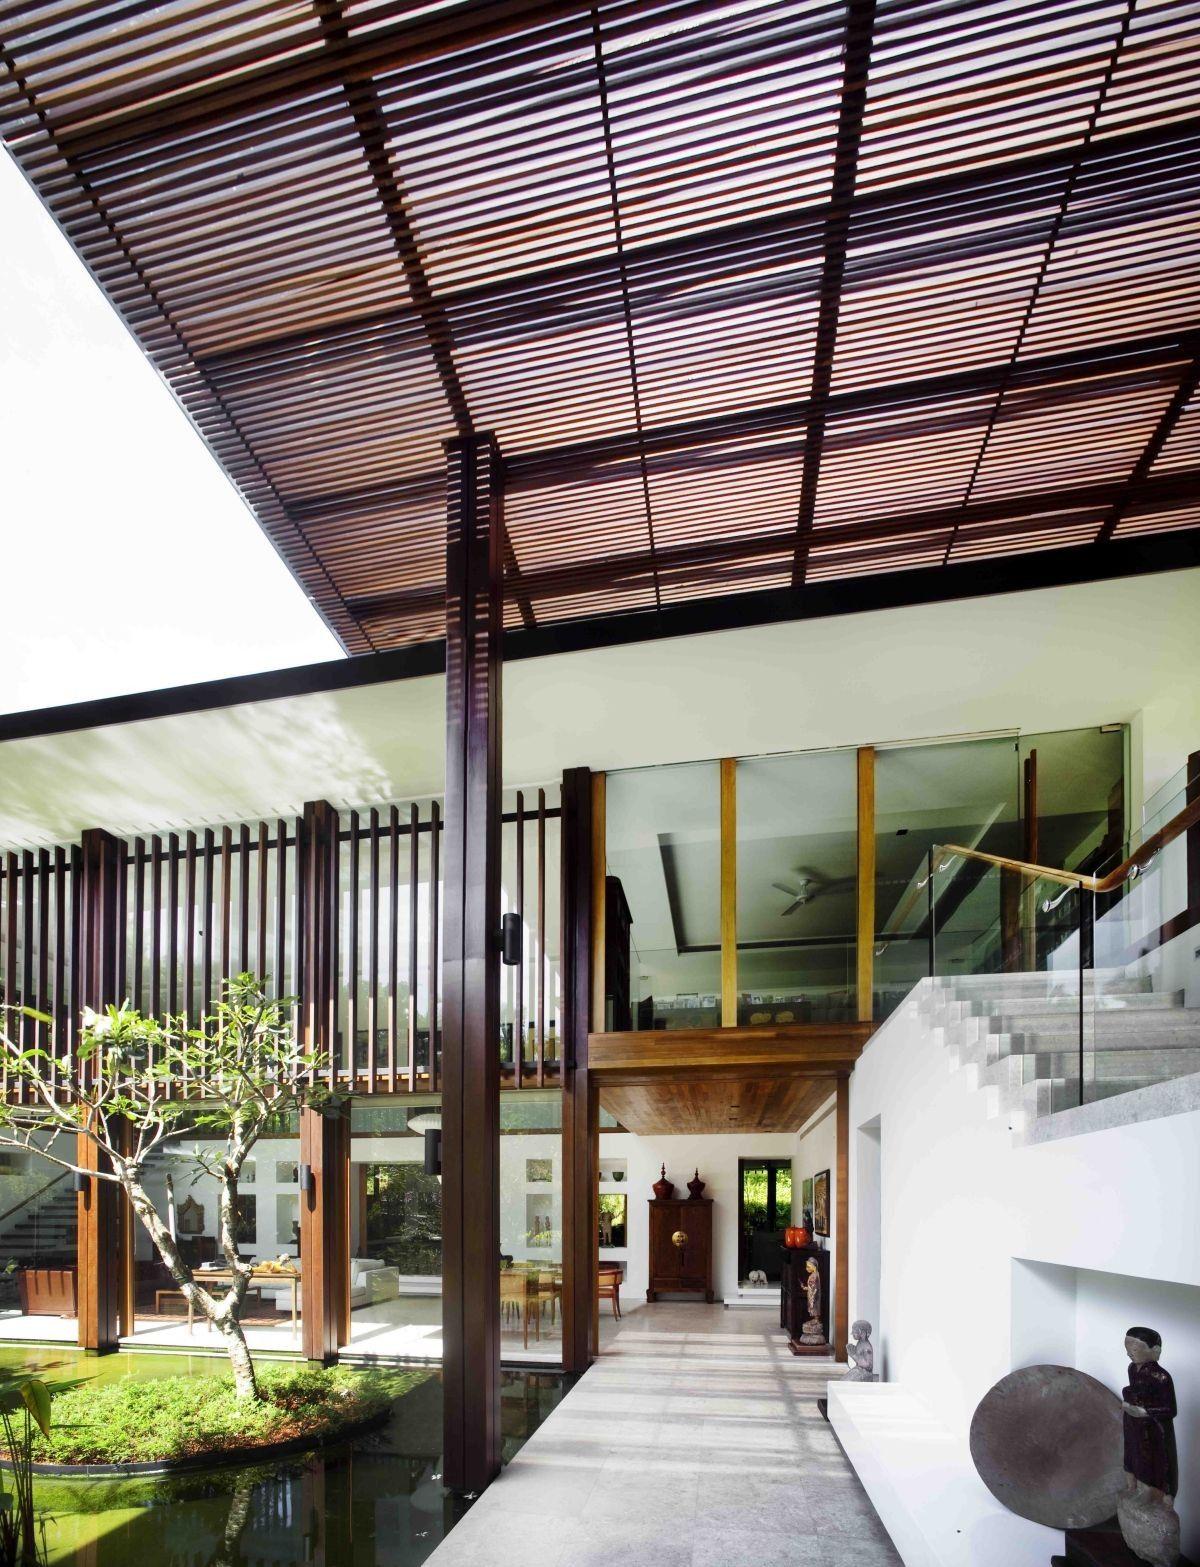 Das Sonnenhaus von Guz Architekten: A Hevean of Green in Singapur in ...